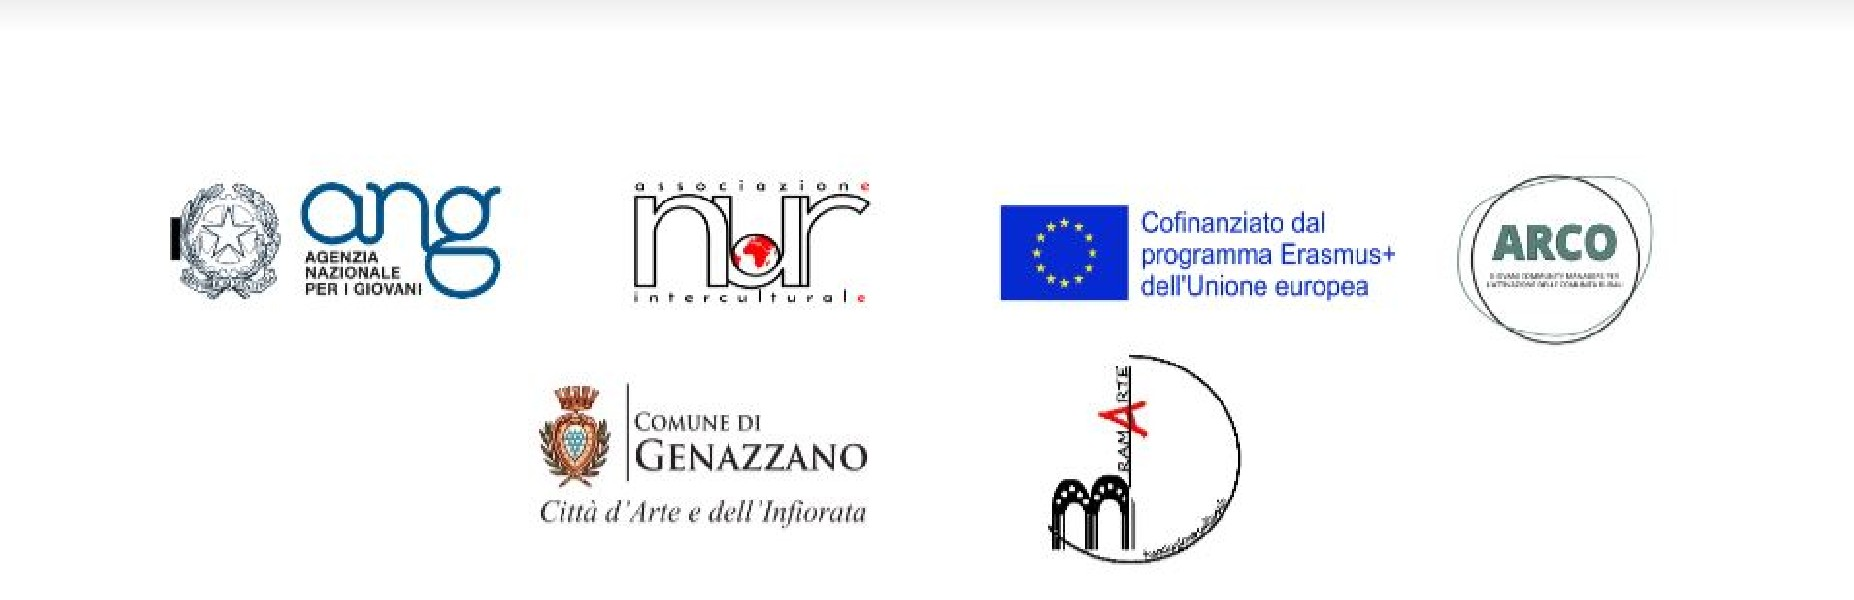 https://www.agenziaeventi.org/immagini_news/21-10-2020/genazzano-opportunit-formative-giovani-grazie-progetto-arco-600.jpg